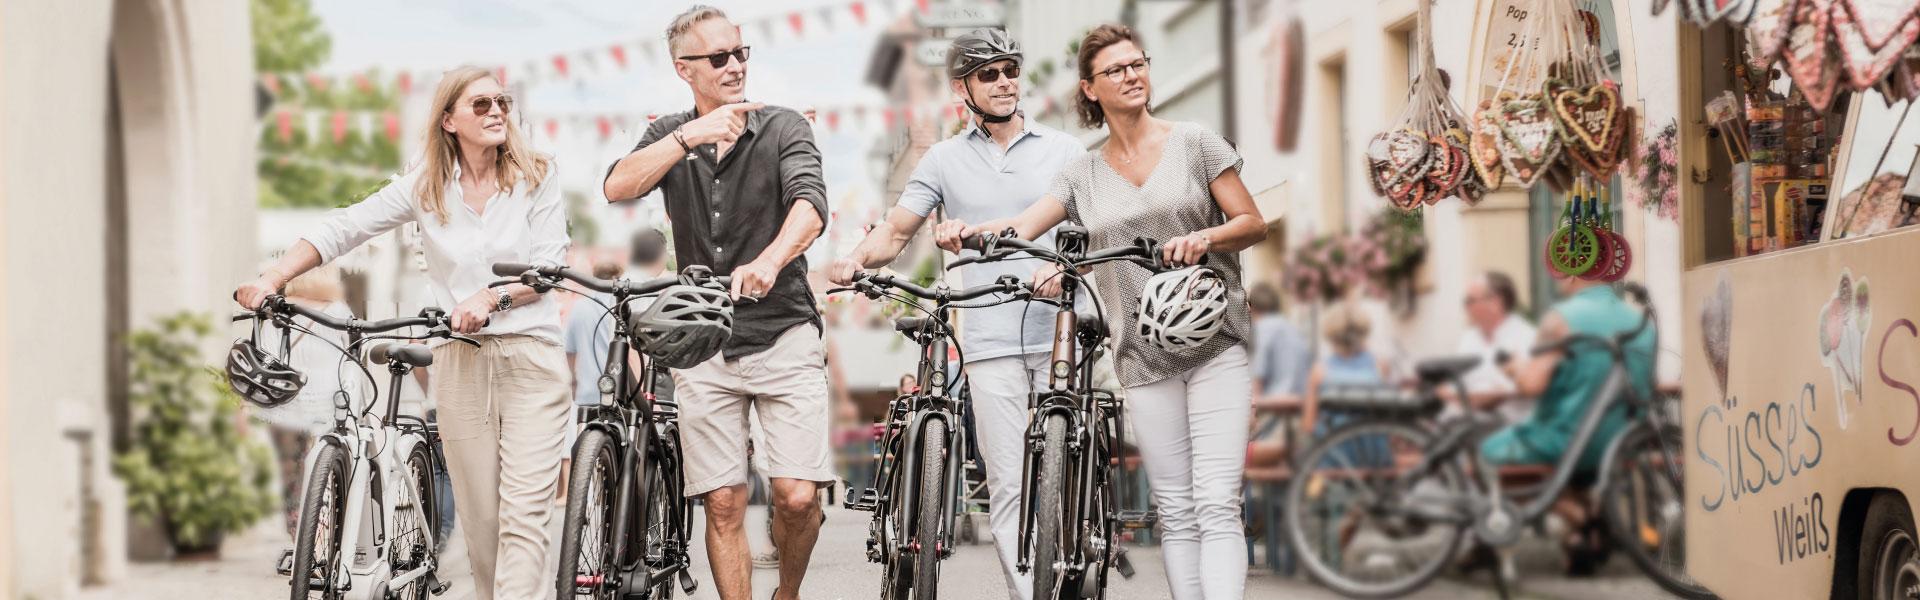 Vier Personen schieben ihre Winora e-Bikes durch die Innenstadt